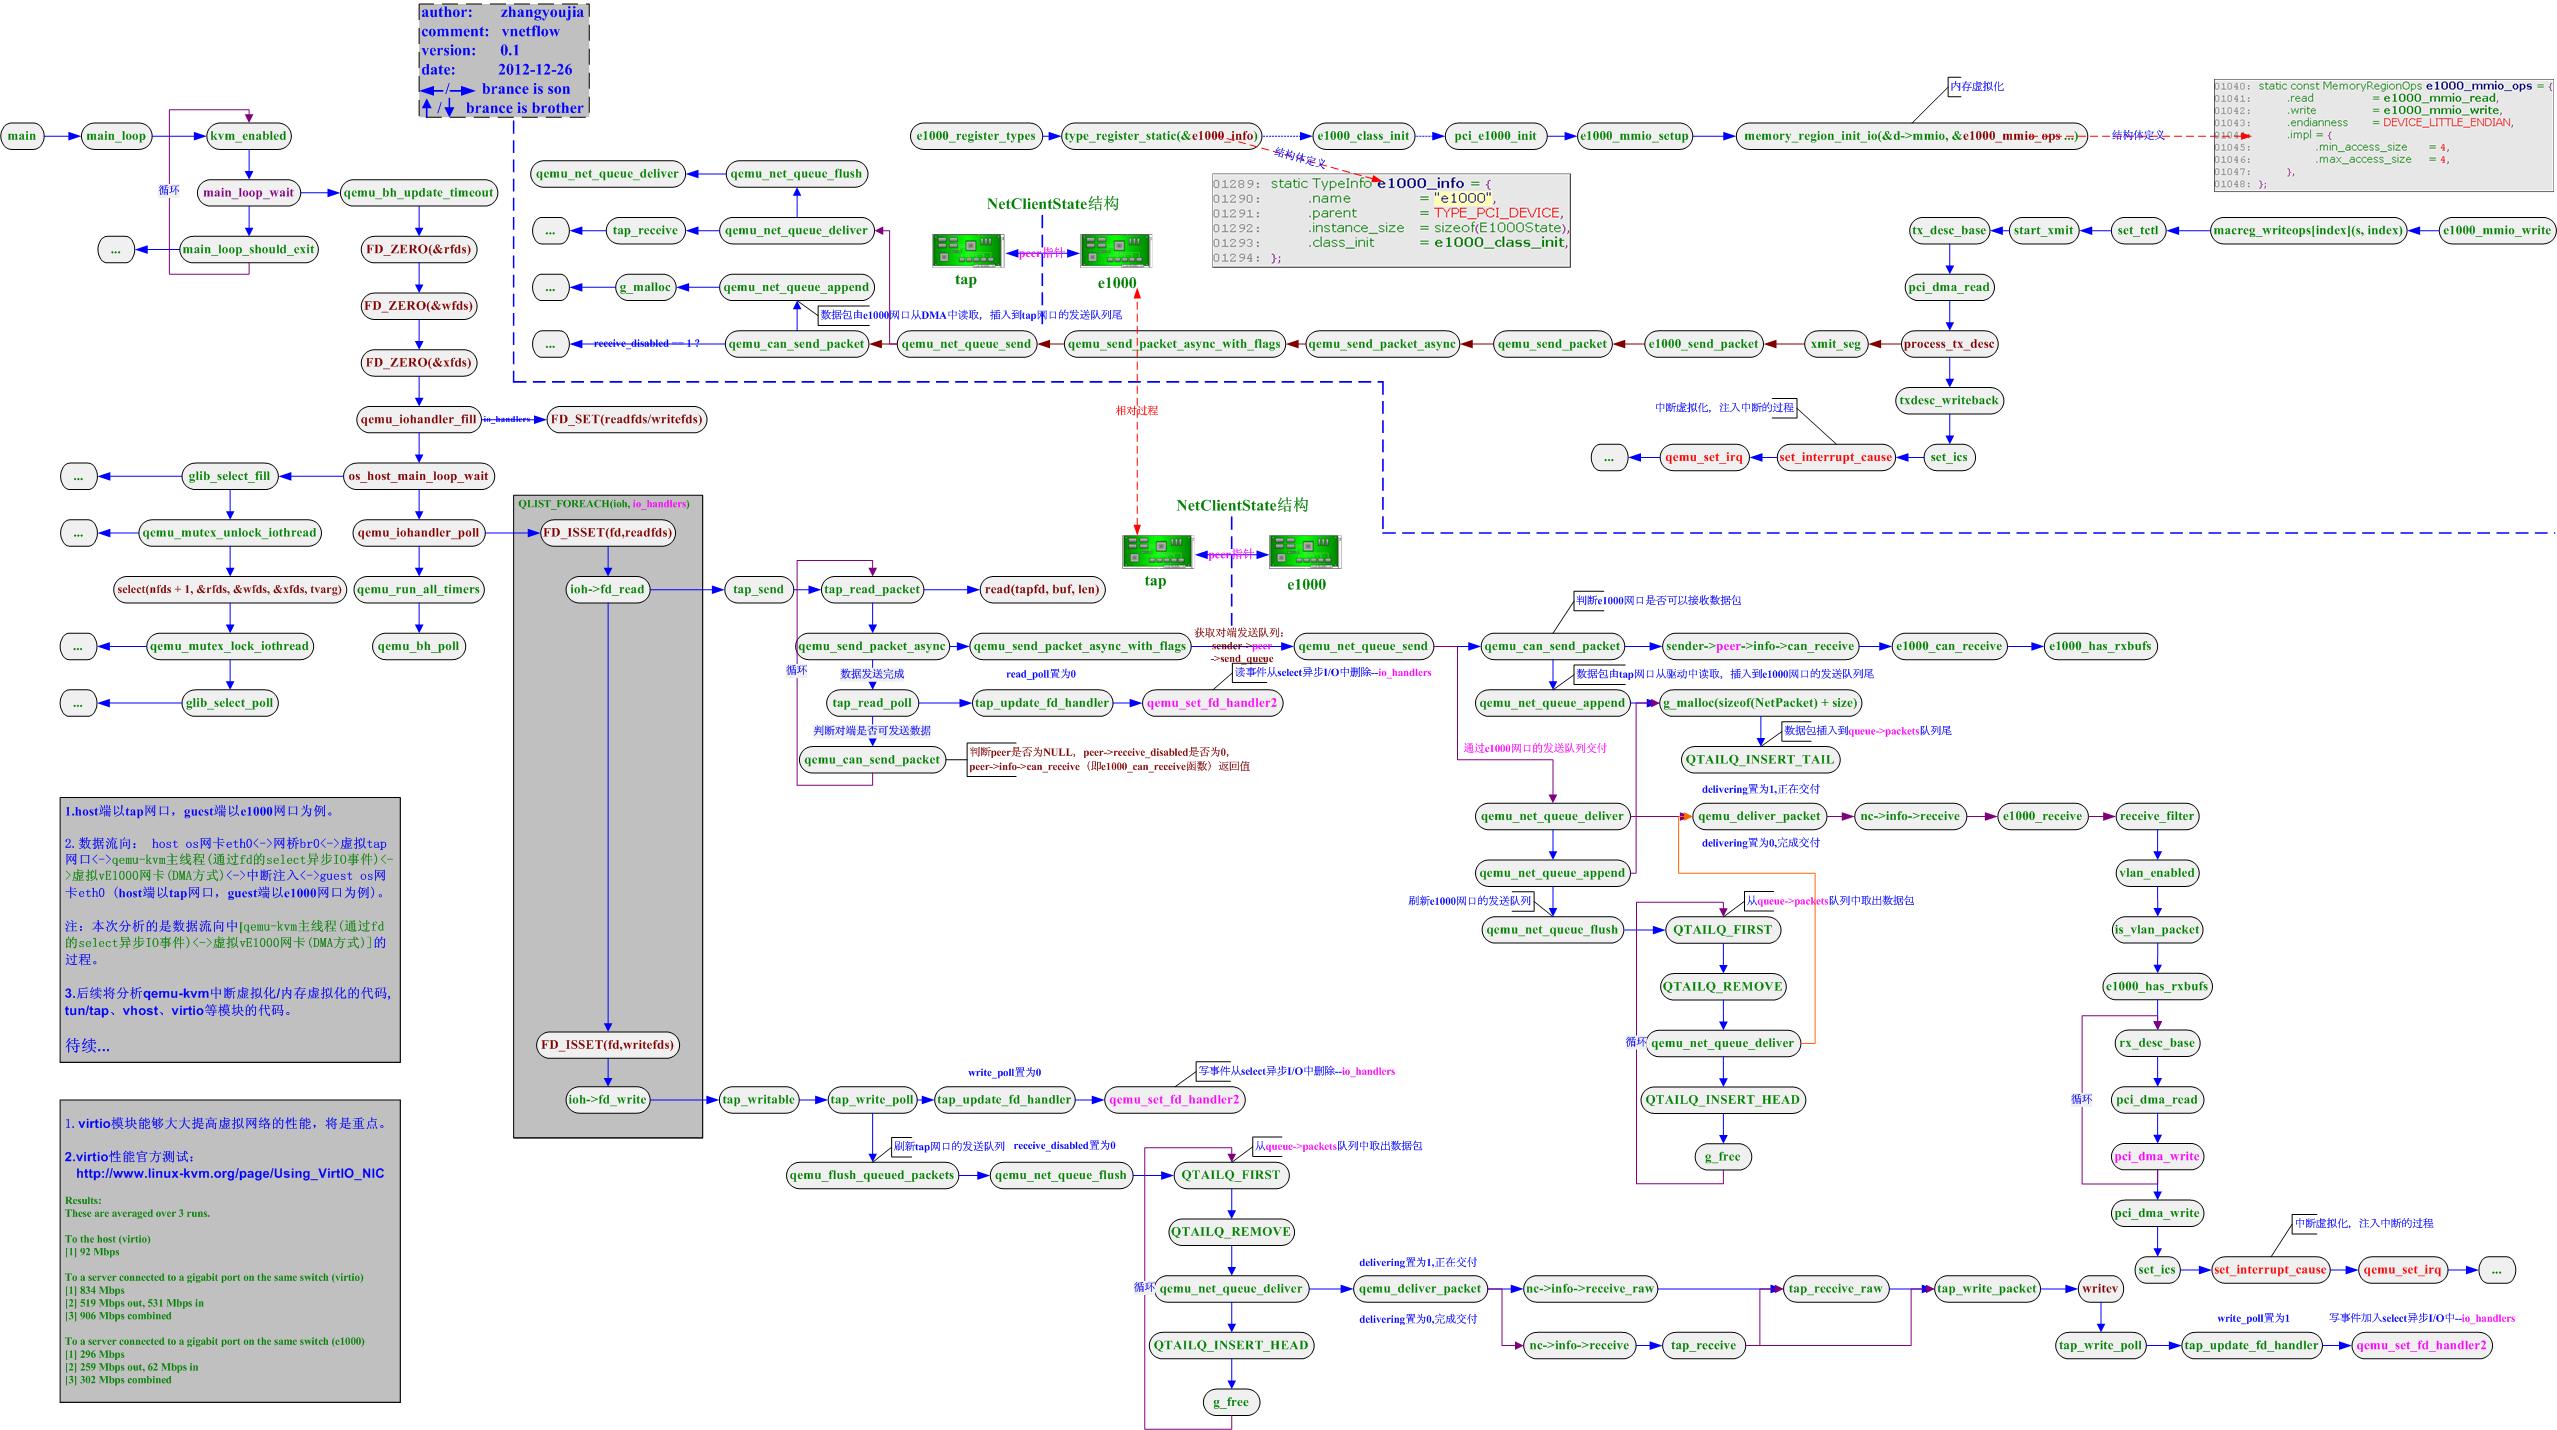 qemu-kvm网络数据流走向图